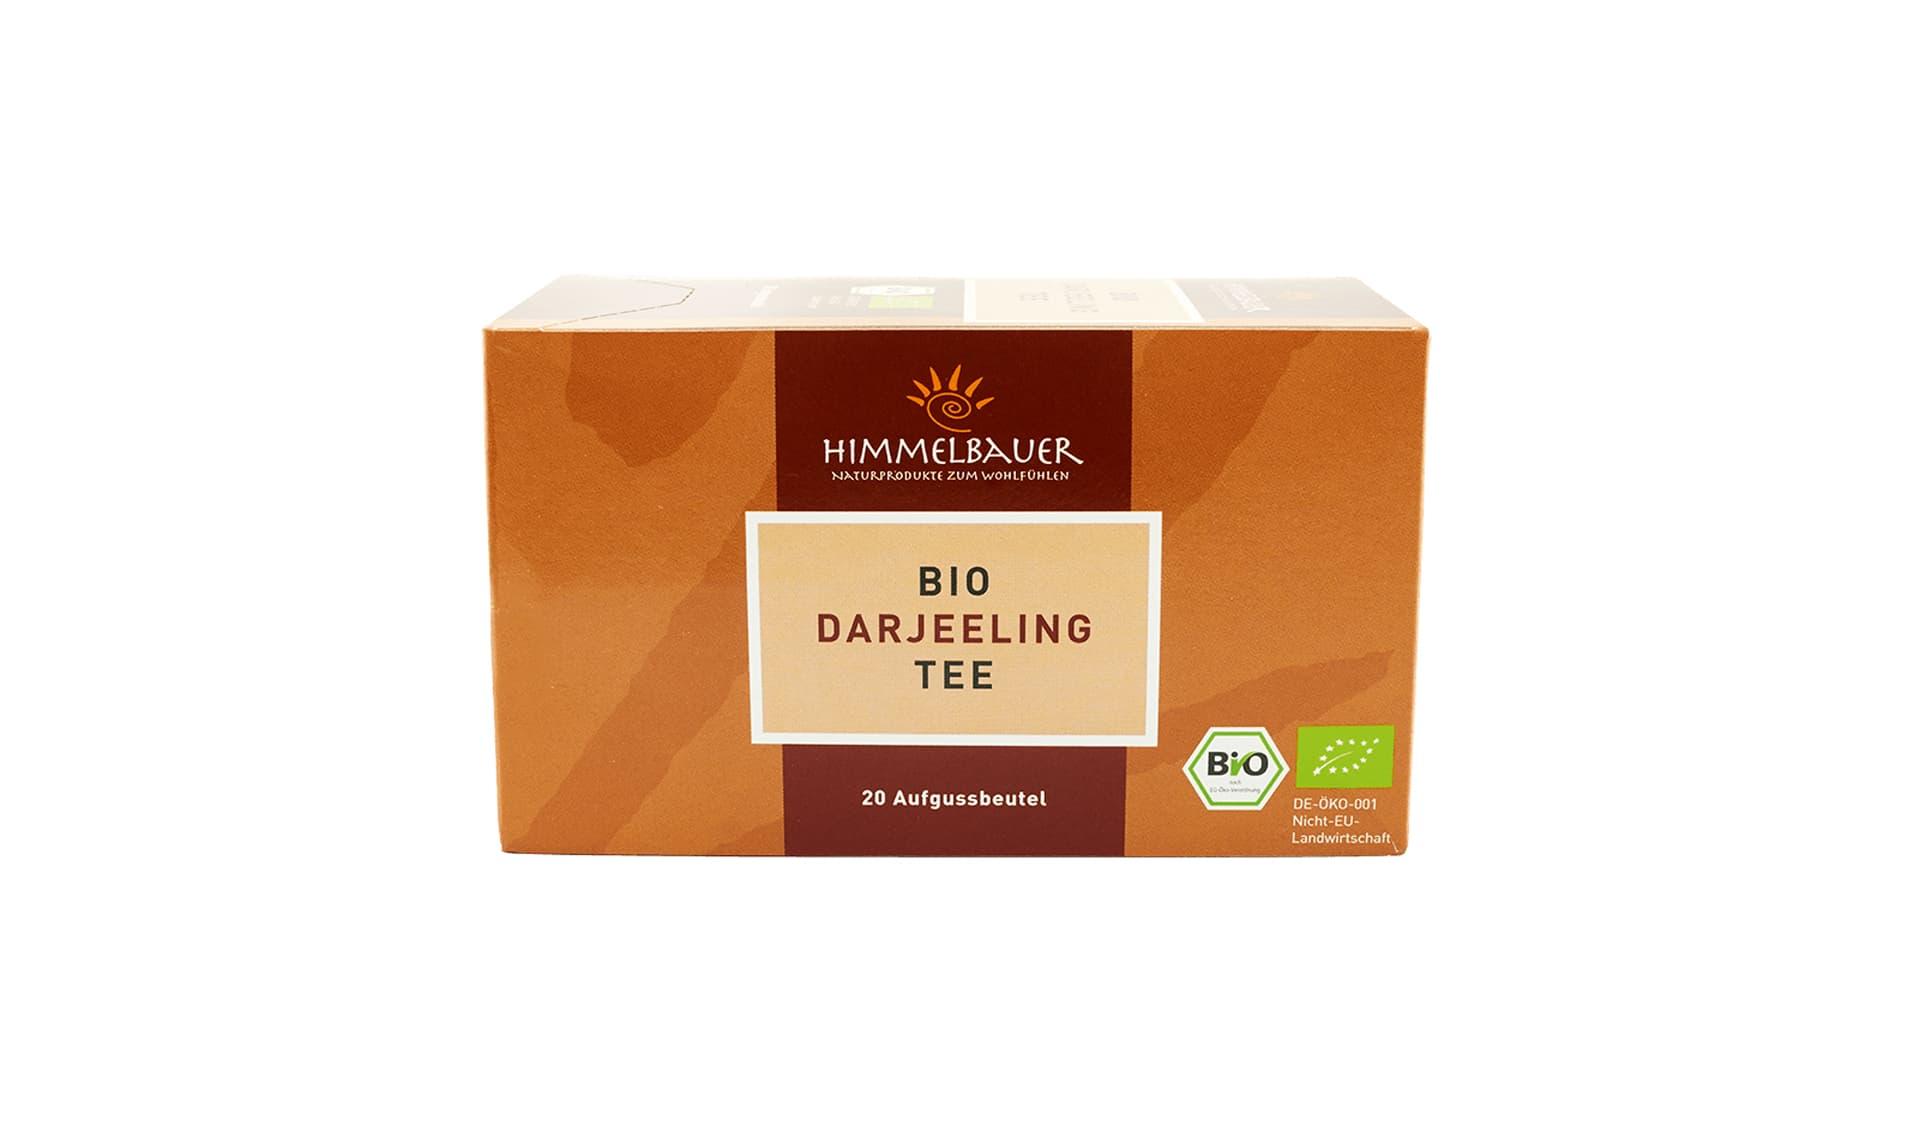 Himmelbauer Bio Darjeeling Tee, 20 Beutel (www.himmelbauer.de)